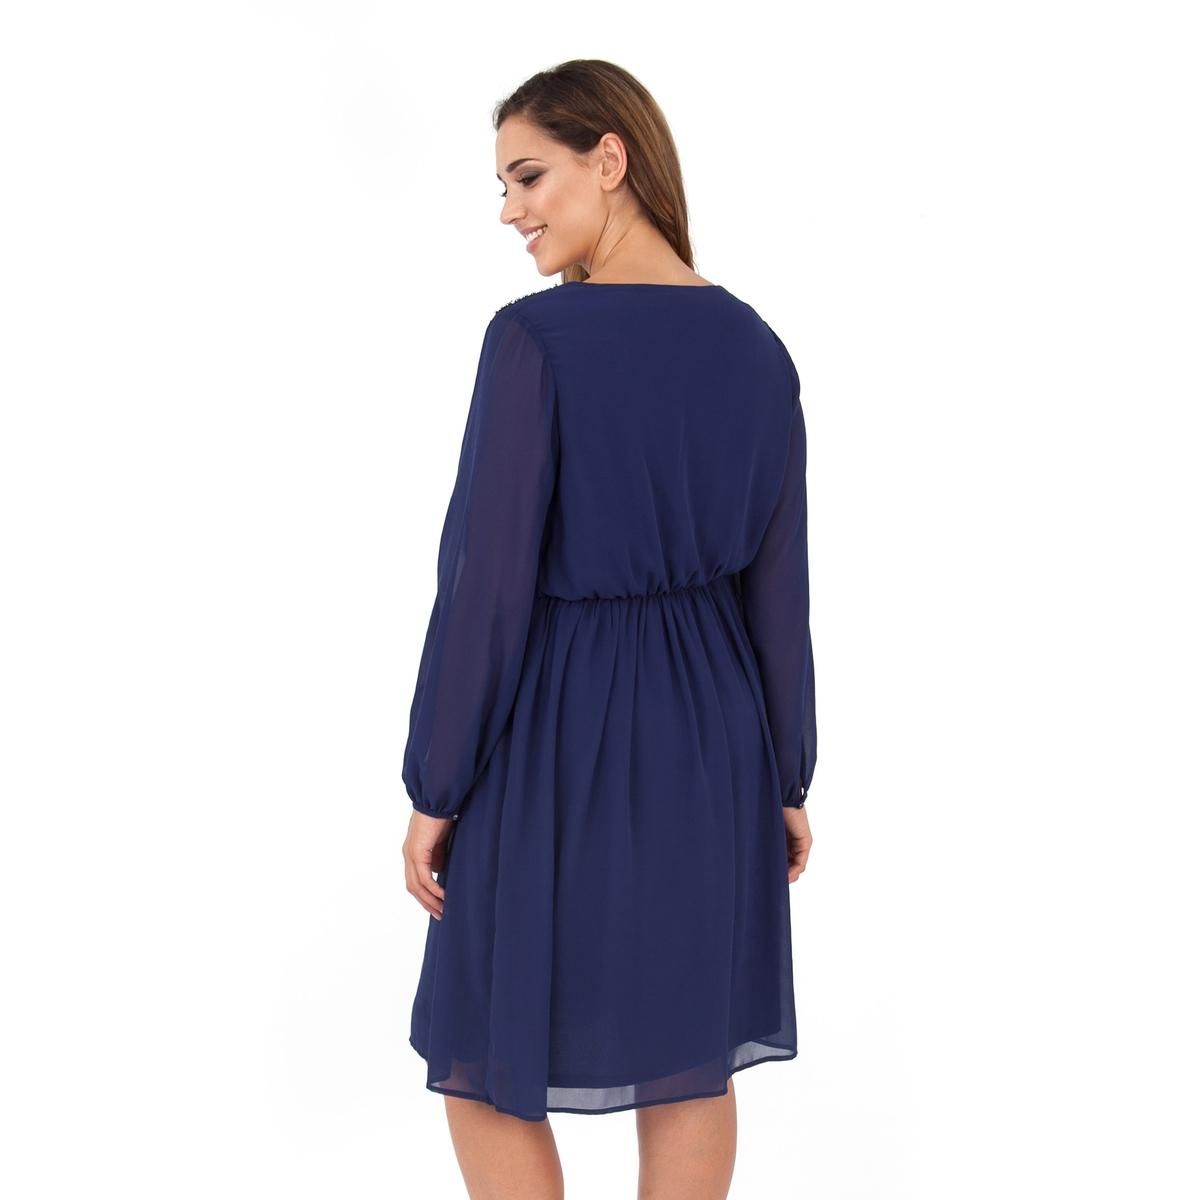 ПлатьеПлатье с длинными рукавами - LOVEDROBE. Область плеча расшита бисером. Красивый вырез декольте. Длина ок.104 см. 100% полиэстера.<br><br>Цвет: синий морской<br>Размер: 54/56 (FR) - 60/62 (RUS)